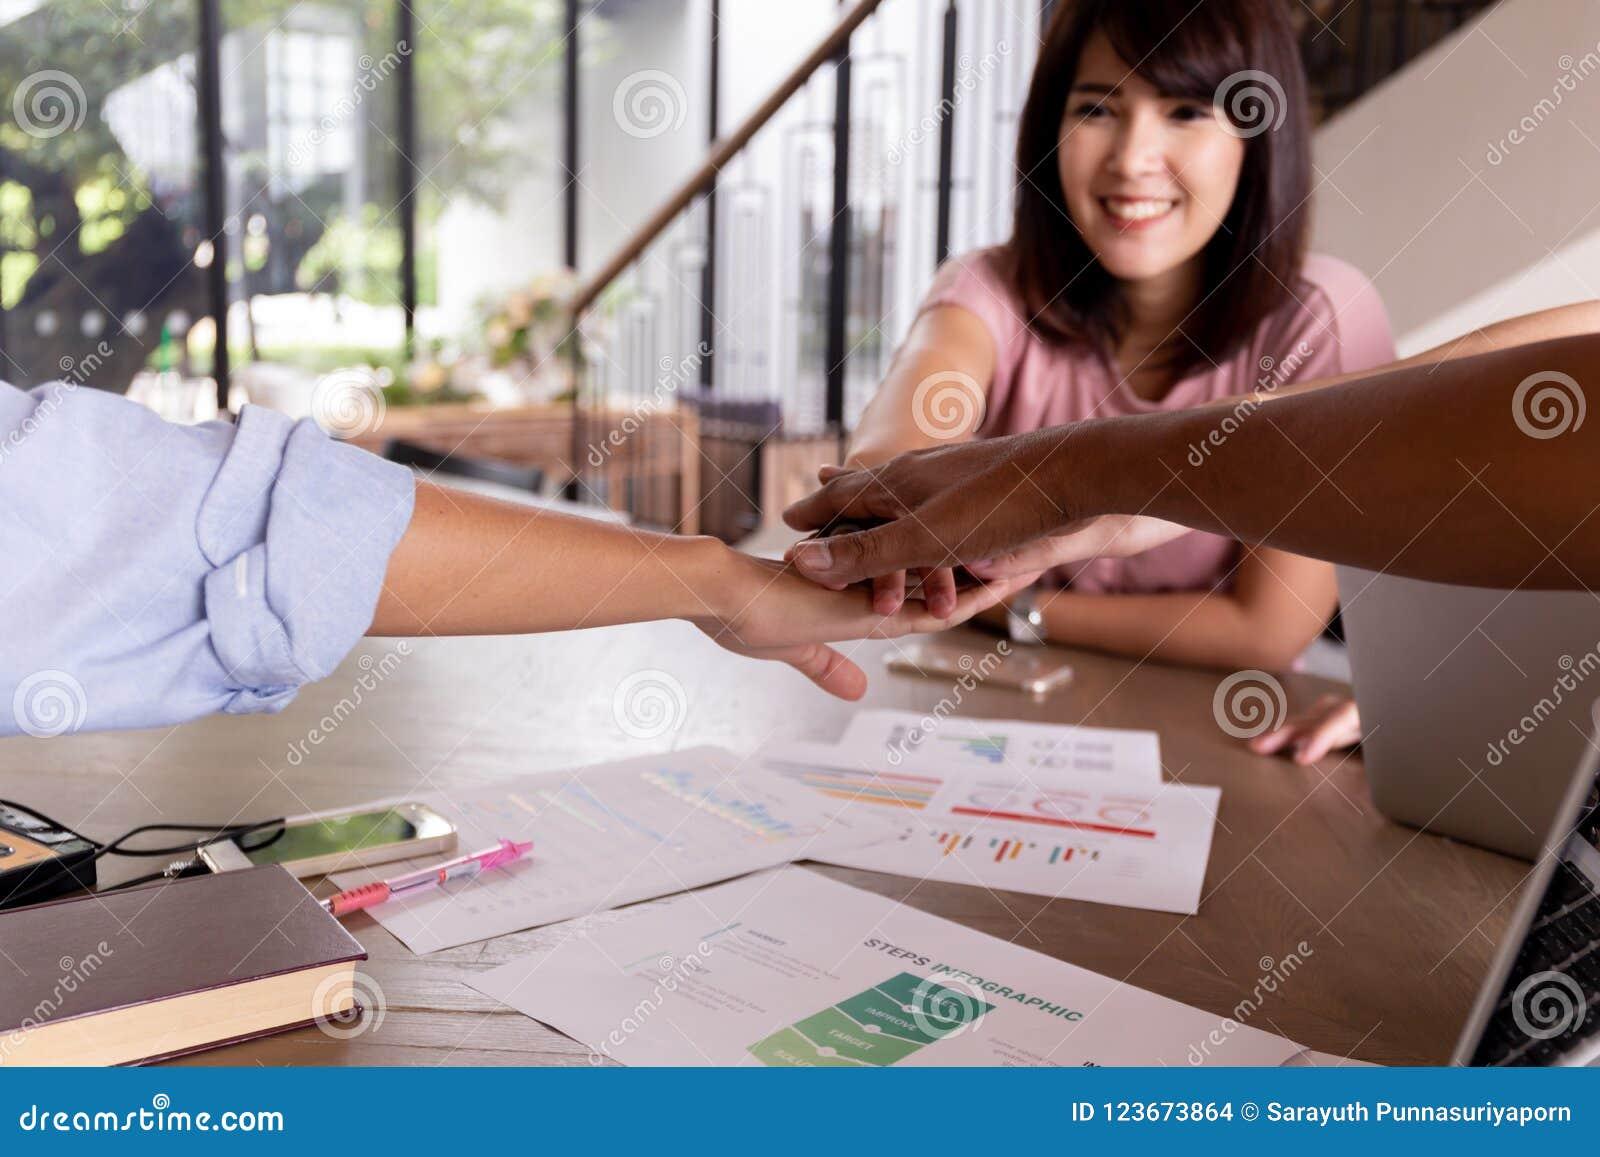 Mains humaines ethniques multi avec le visage de la belle femme asiatique d affaires remontant des mains dans l unité